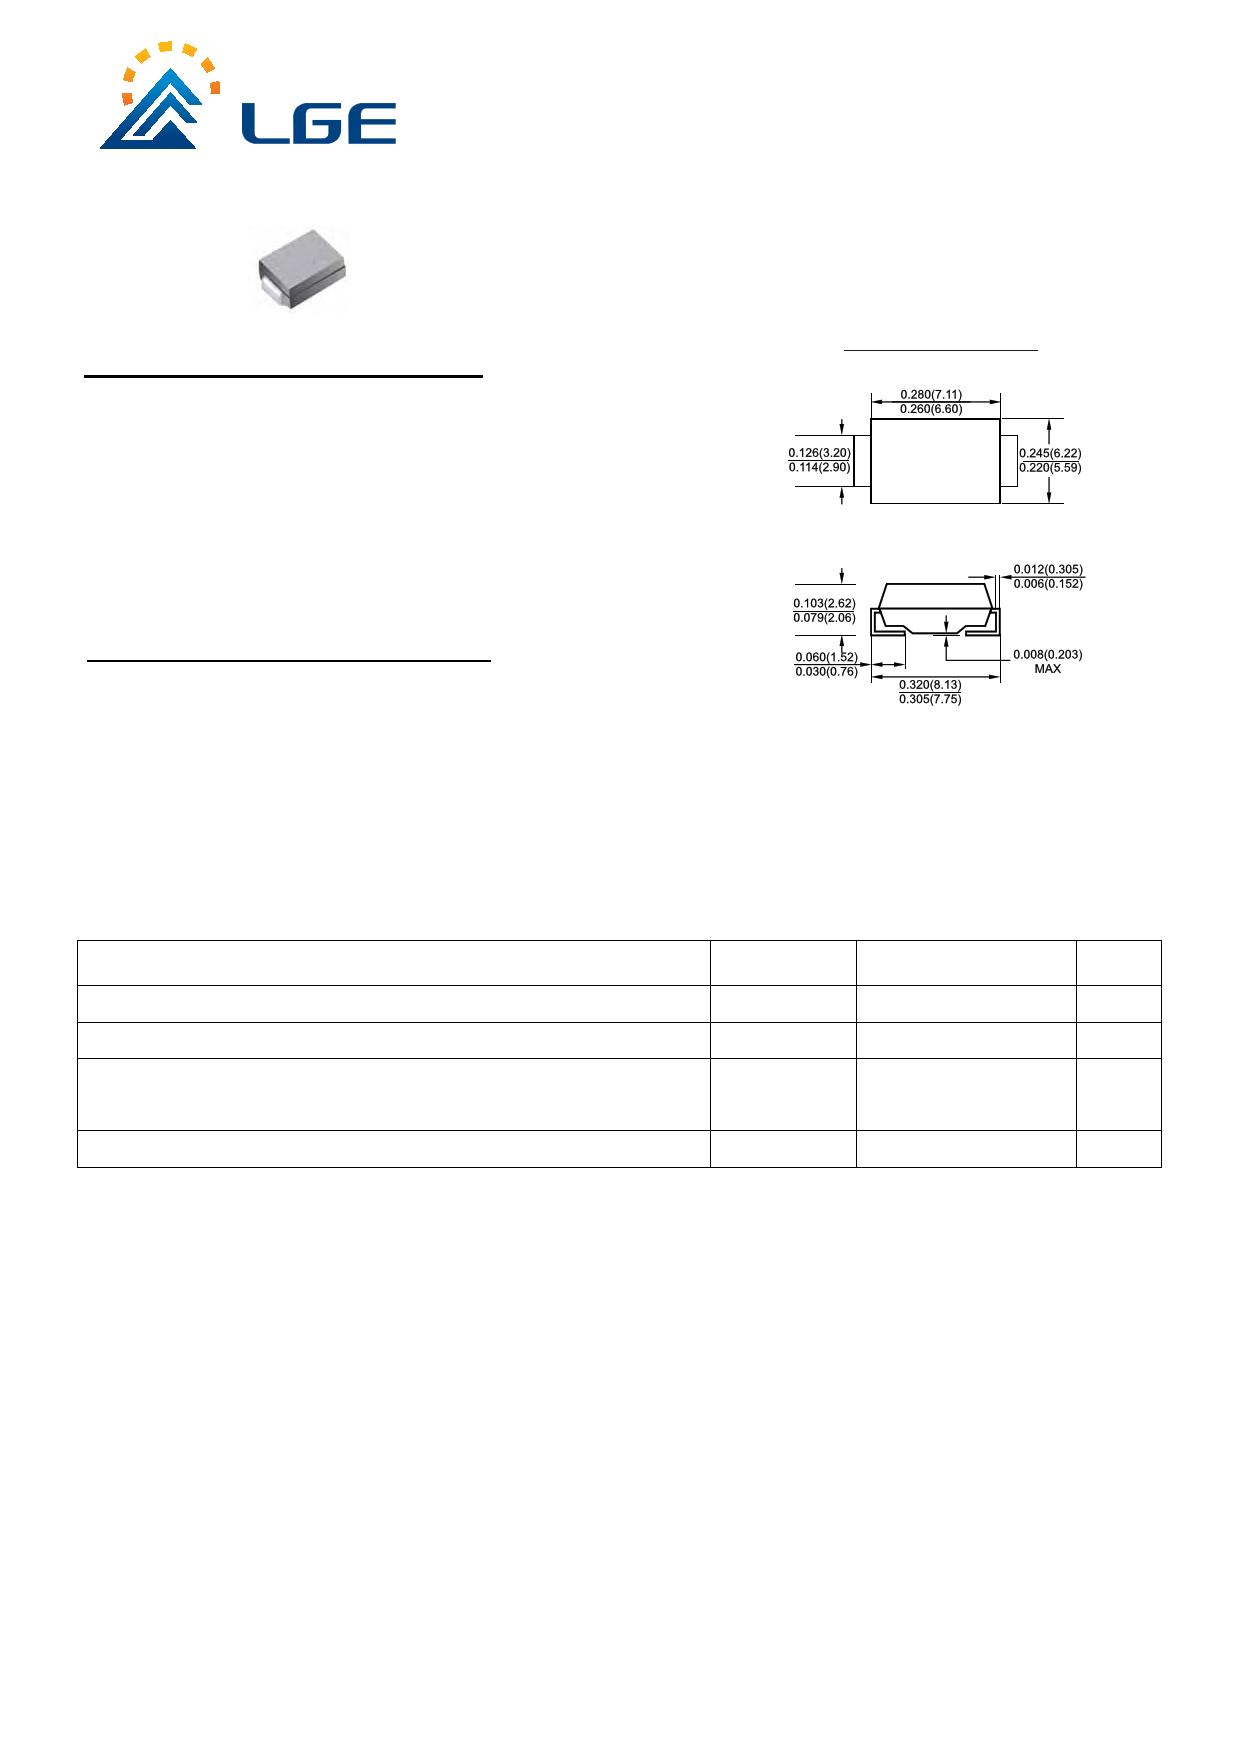 3.0SMCJ12C Datasheet, 3.0SMCJ12C PDF,ピン配置, 機能